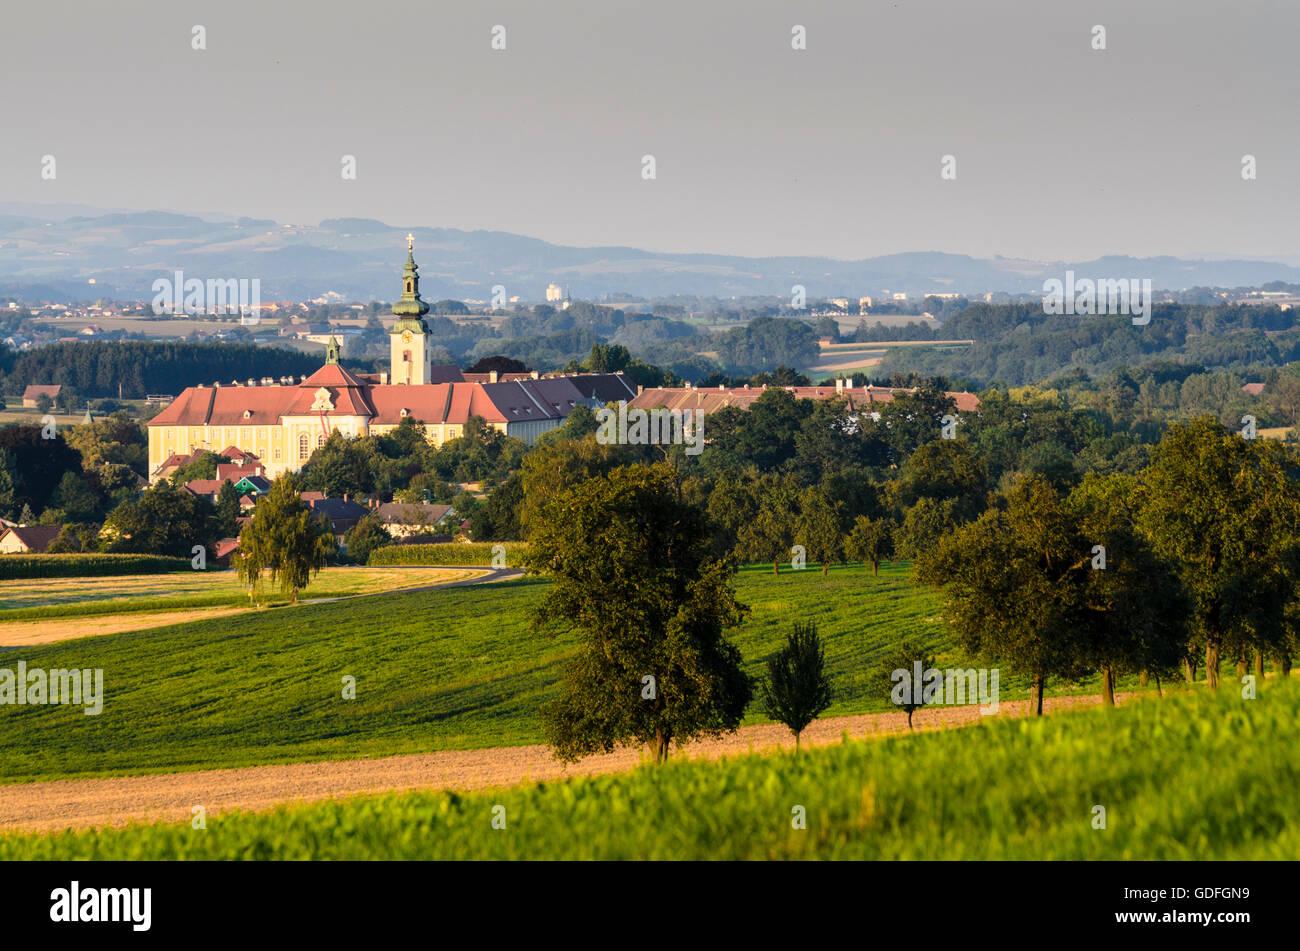 Seitenstetten: Seitenstetten Monastery, fruit tree trees, Austria, Niederösterreich, Lower Austria, Mostviertel - Stock Image